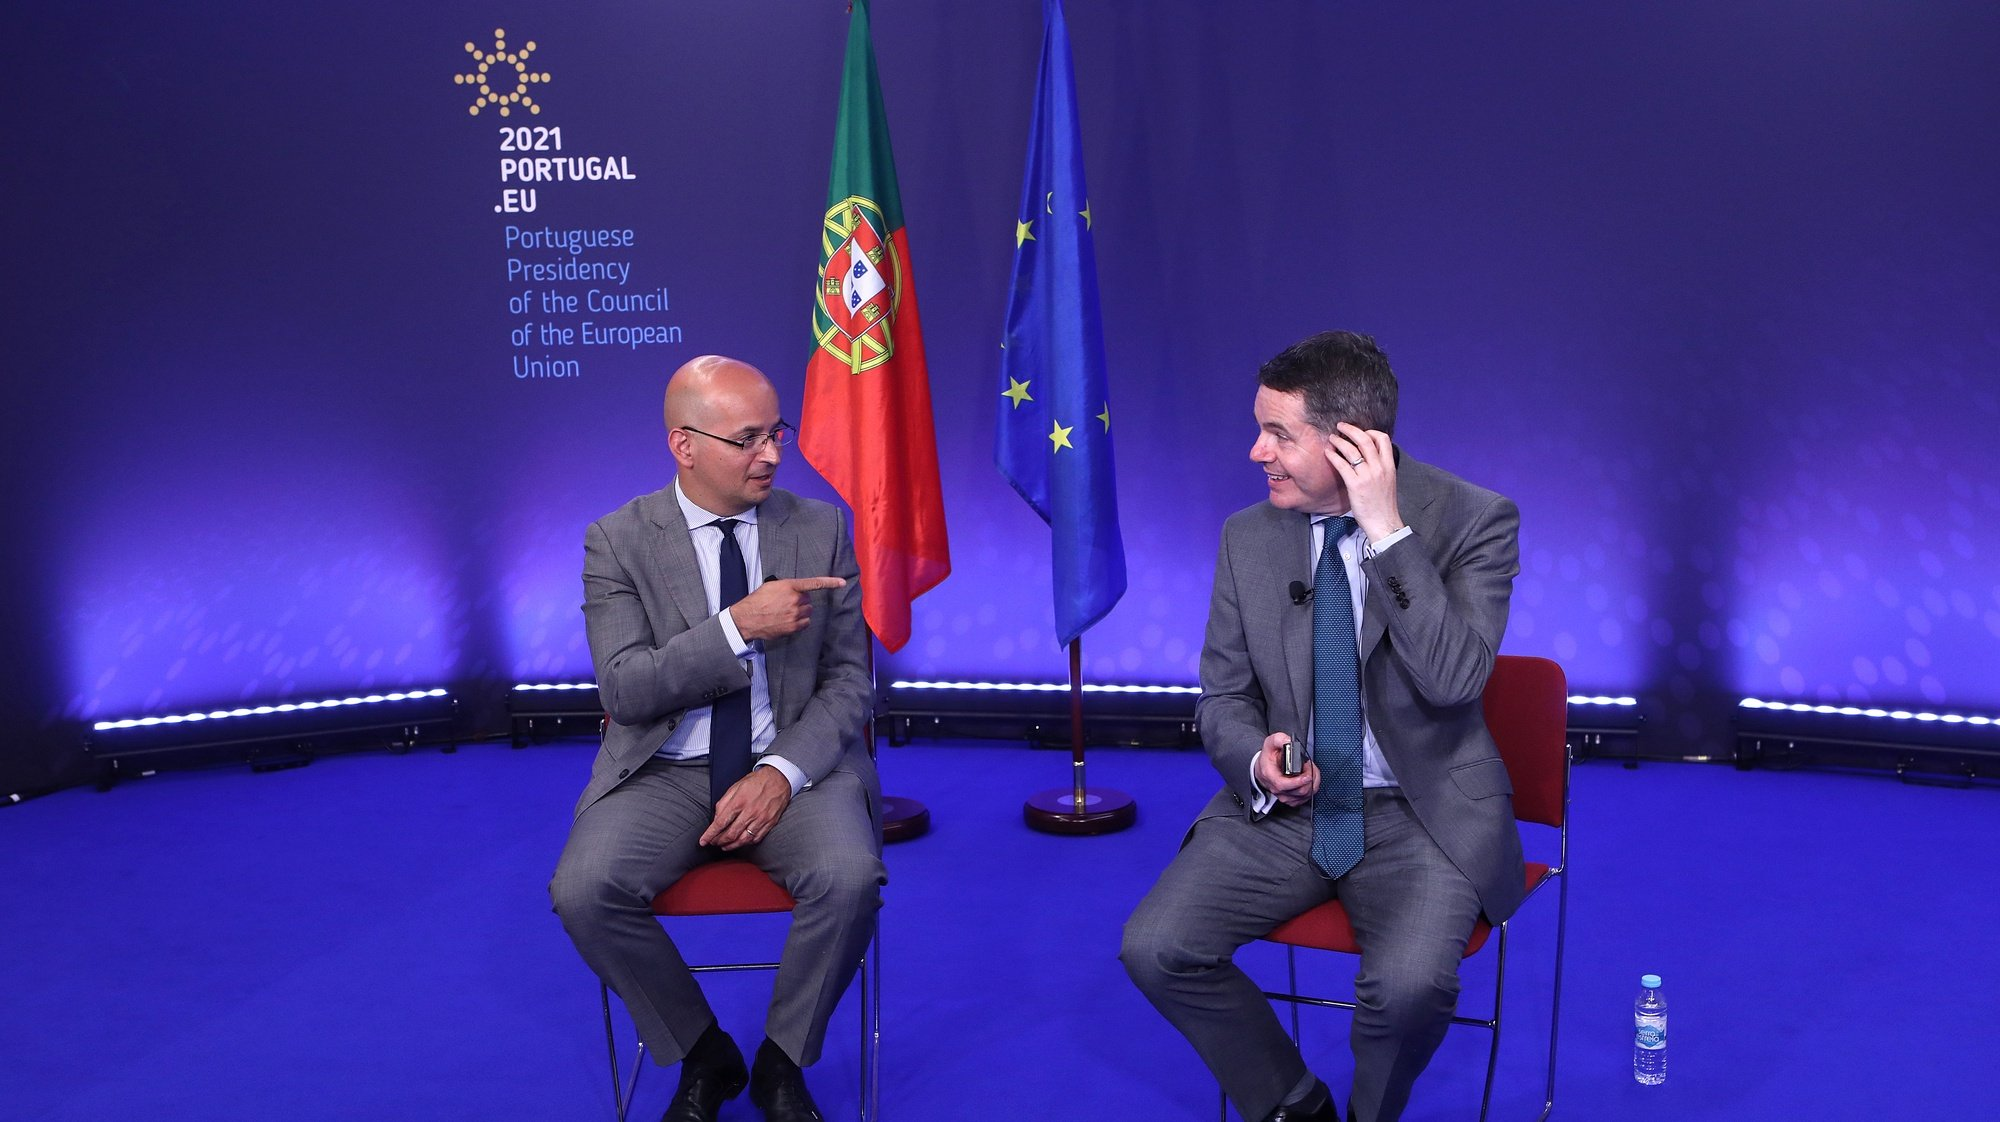 Entrevista conjunta ao ministro das Finanças, João Leão (E), presidente em exercício do Conselho de Assuntos Económicos e Financeiros (ECOFIN) e ao presidente do Eurogrupo, Paschal Donohoe (D), ministro das Finanças e ministro das Despesas Públicas e da Reforma da Irlanda, no Centro Cultural de Belém, em Lisboa, 20 de maio de 2021. (ACOMPANHA TEXTO DE 21/05/2021) ANTÓNIO PEDRO SANTOS/LUSA